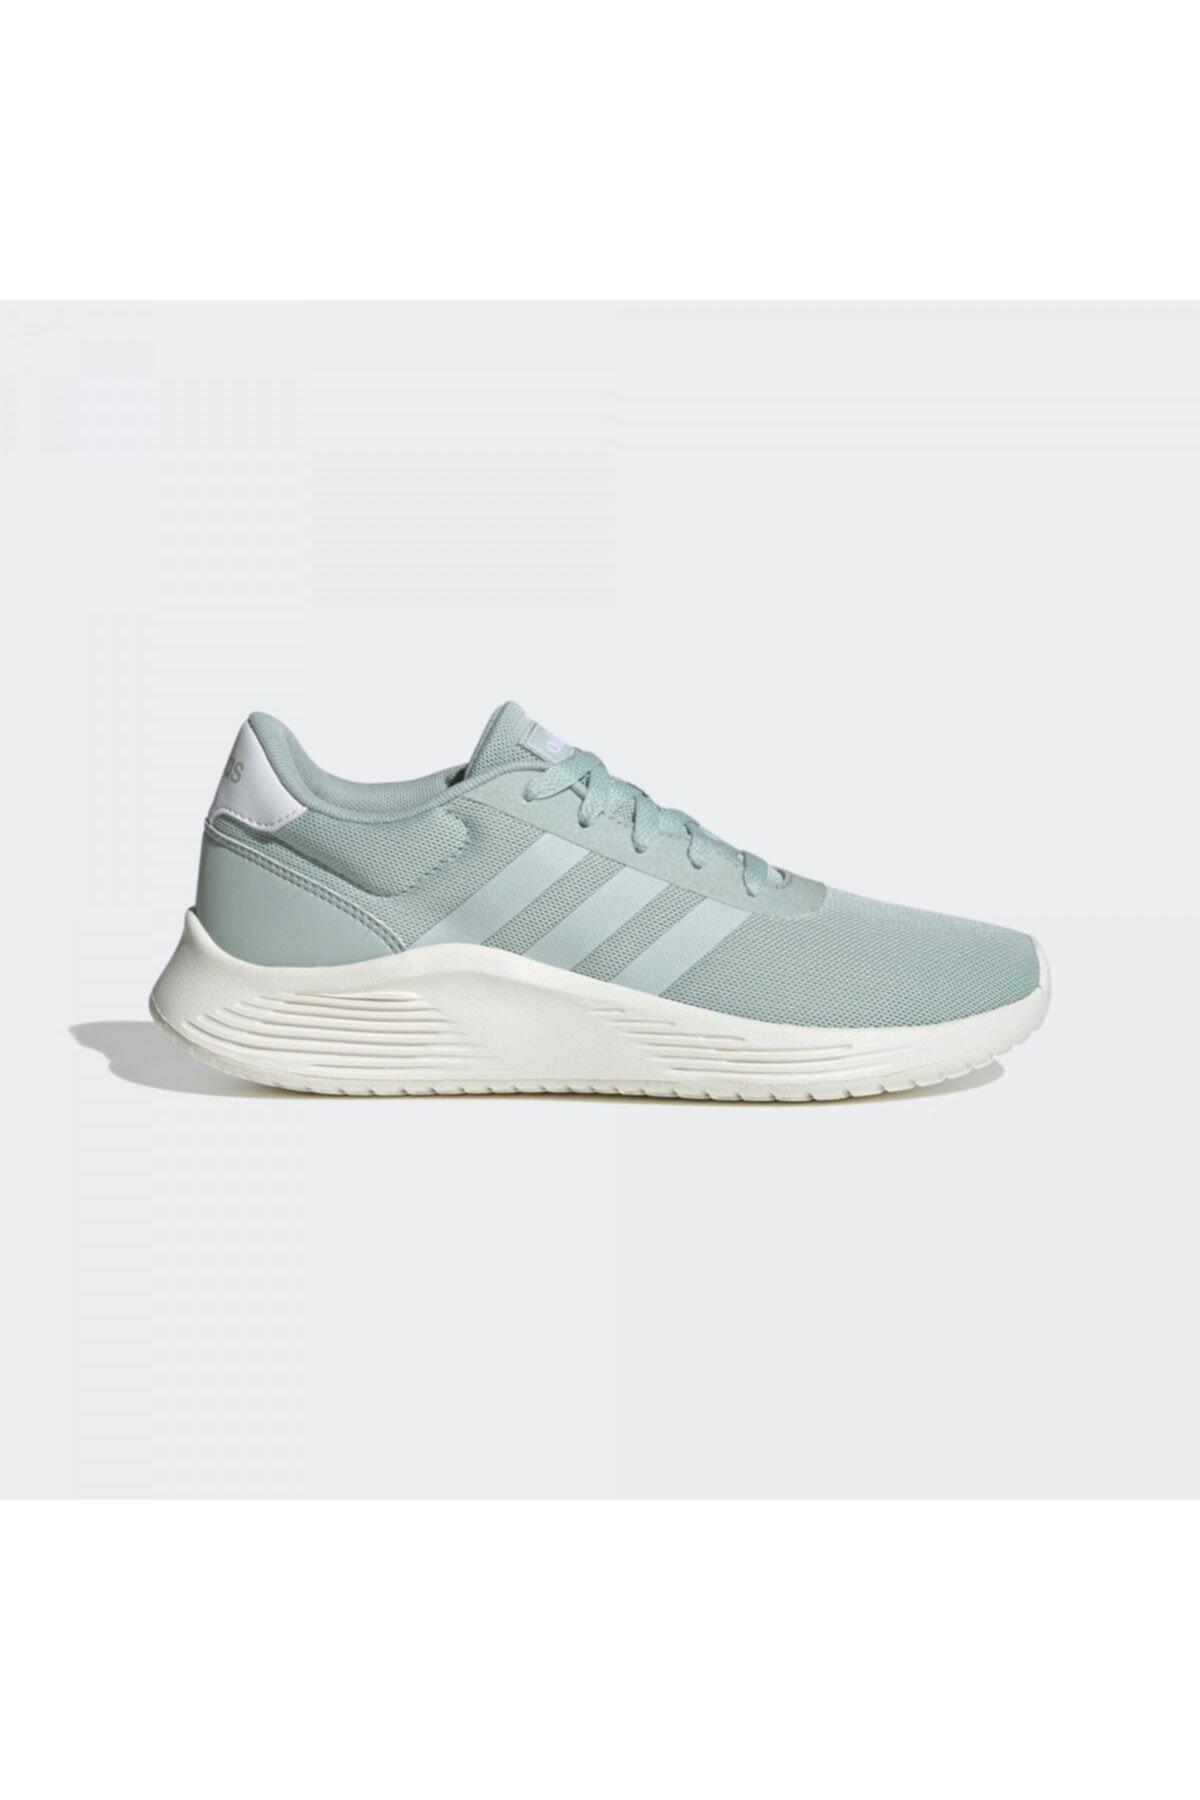 adidas LITE RACER 2.0 Kadın Yürüyüş Ayakkabısı 1